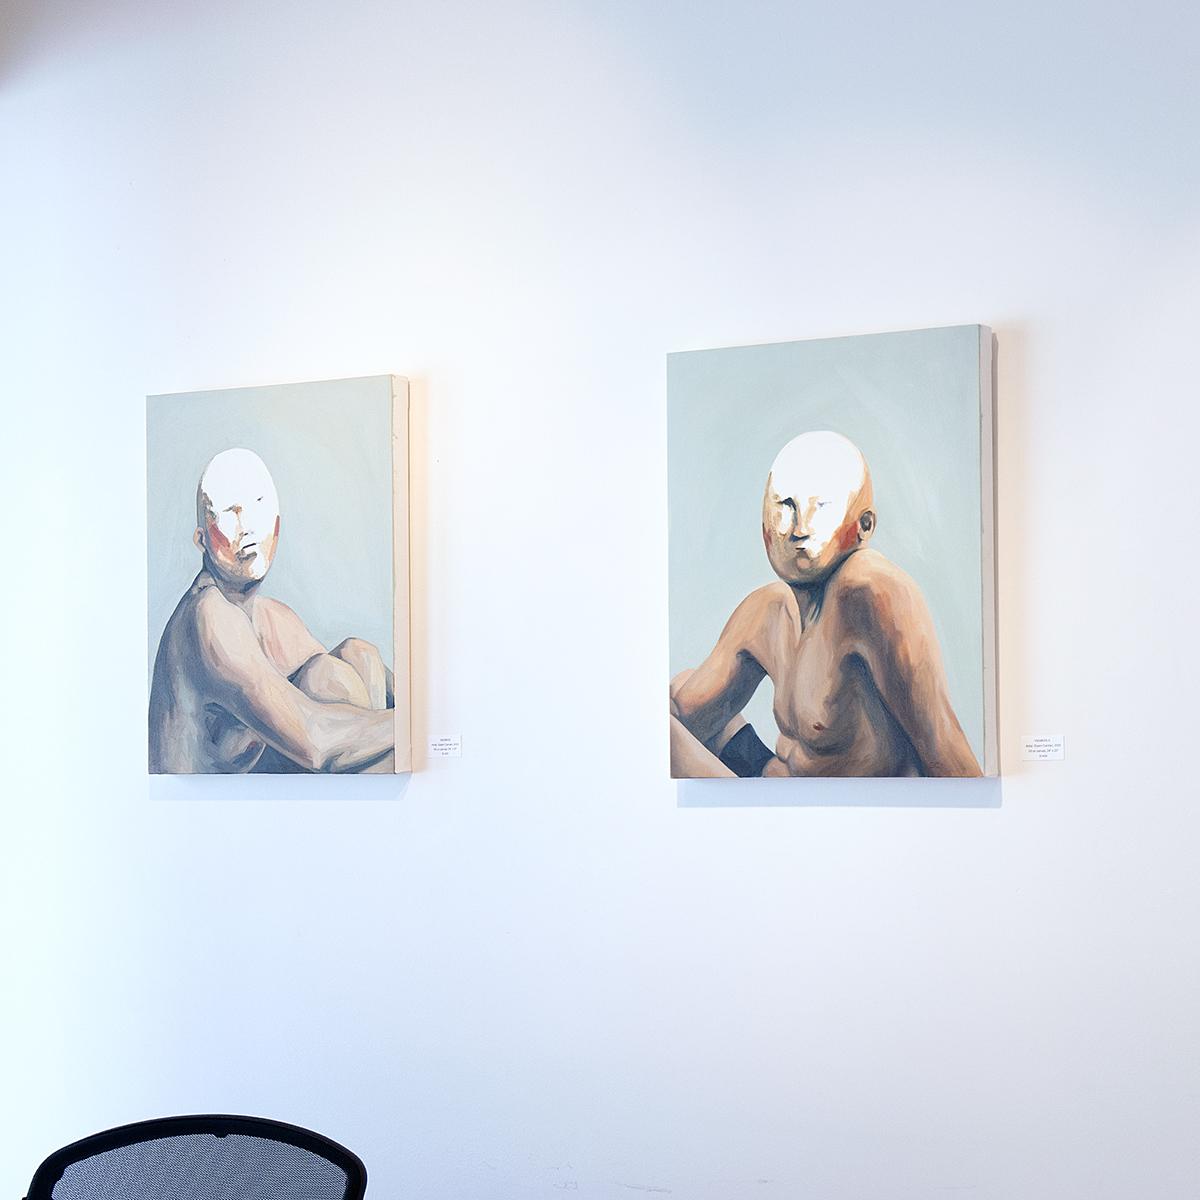 Gizem Candan and Jihane Mossalim at Sivarulrasa Gallery